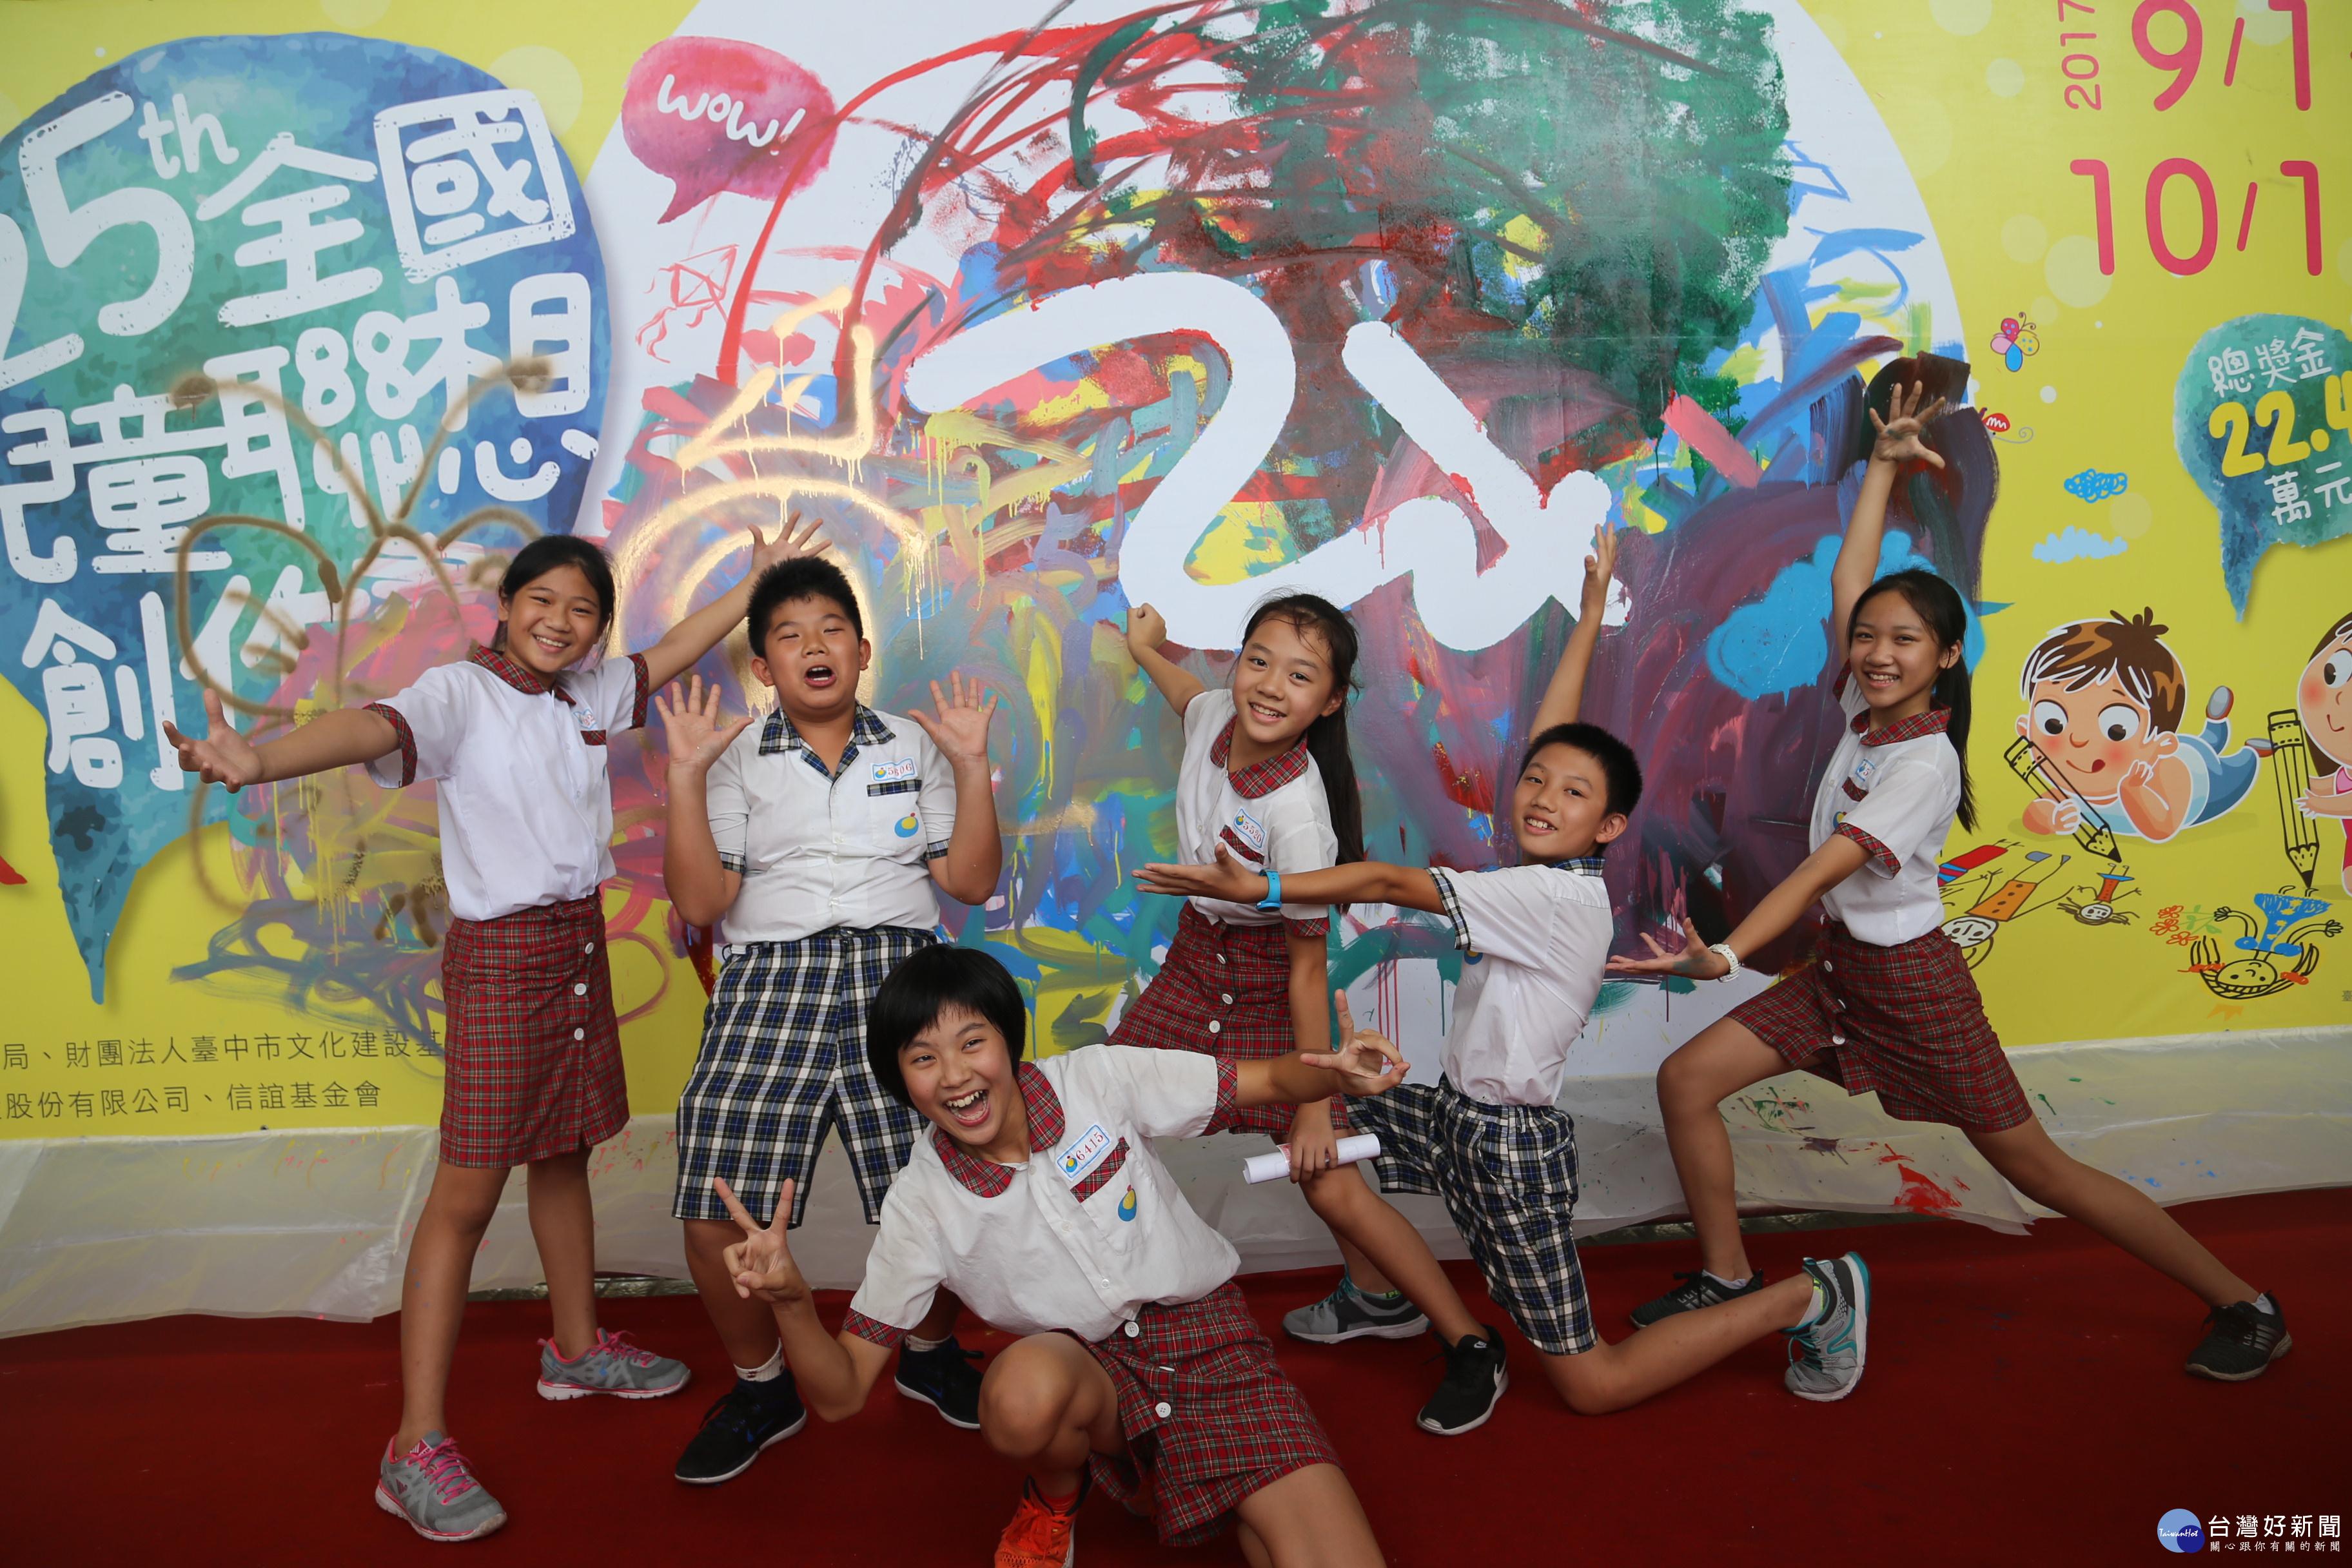 培養創作能量 「全國兒童聯想創作畫比賽」即日起開放徵件